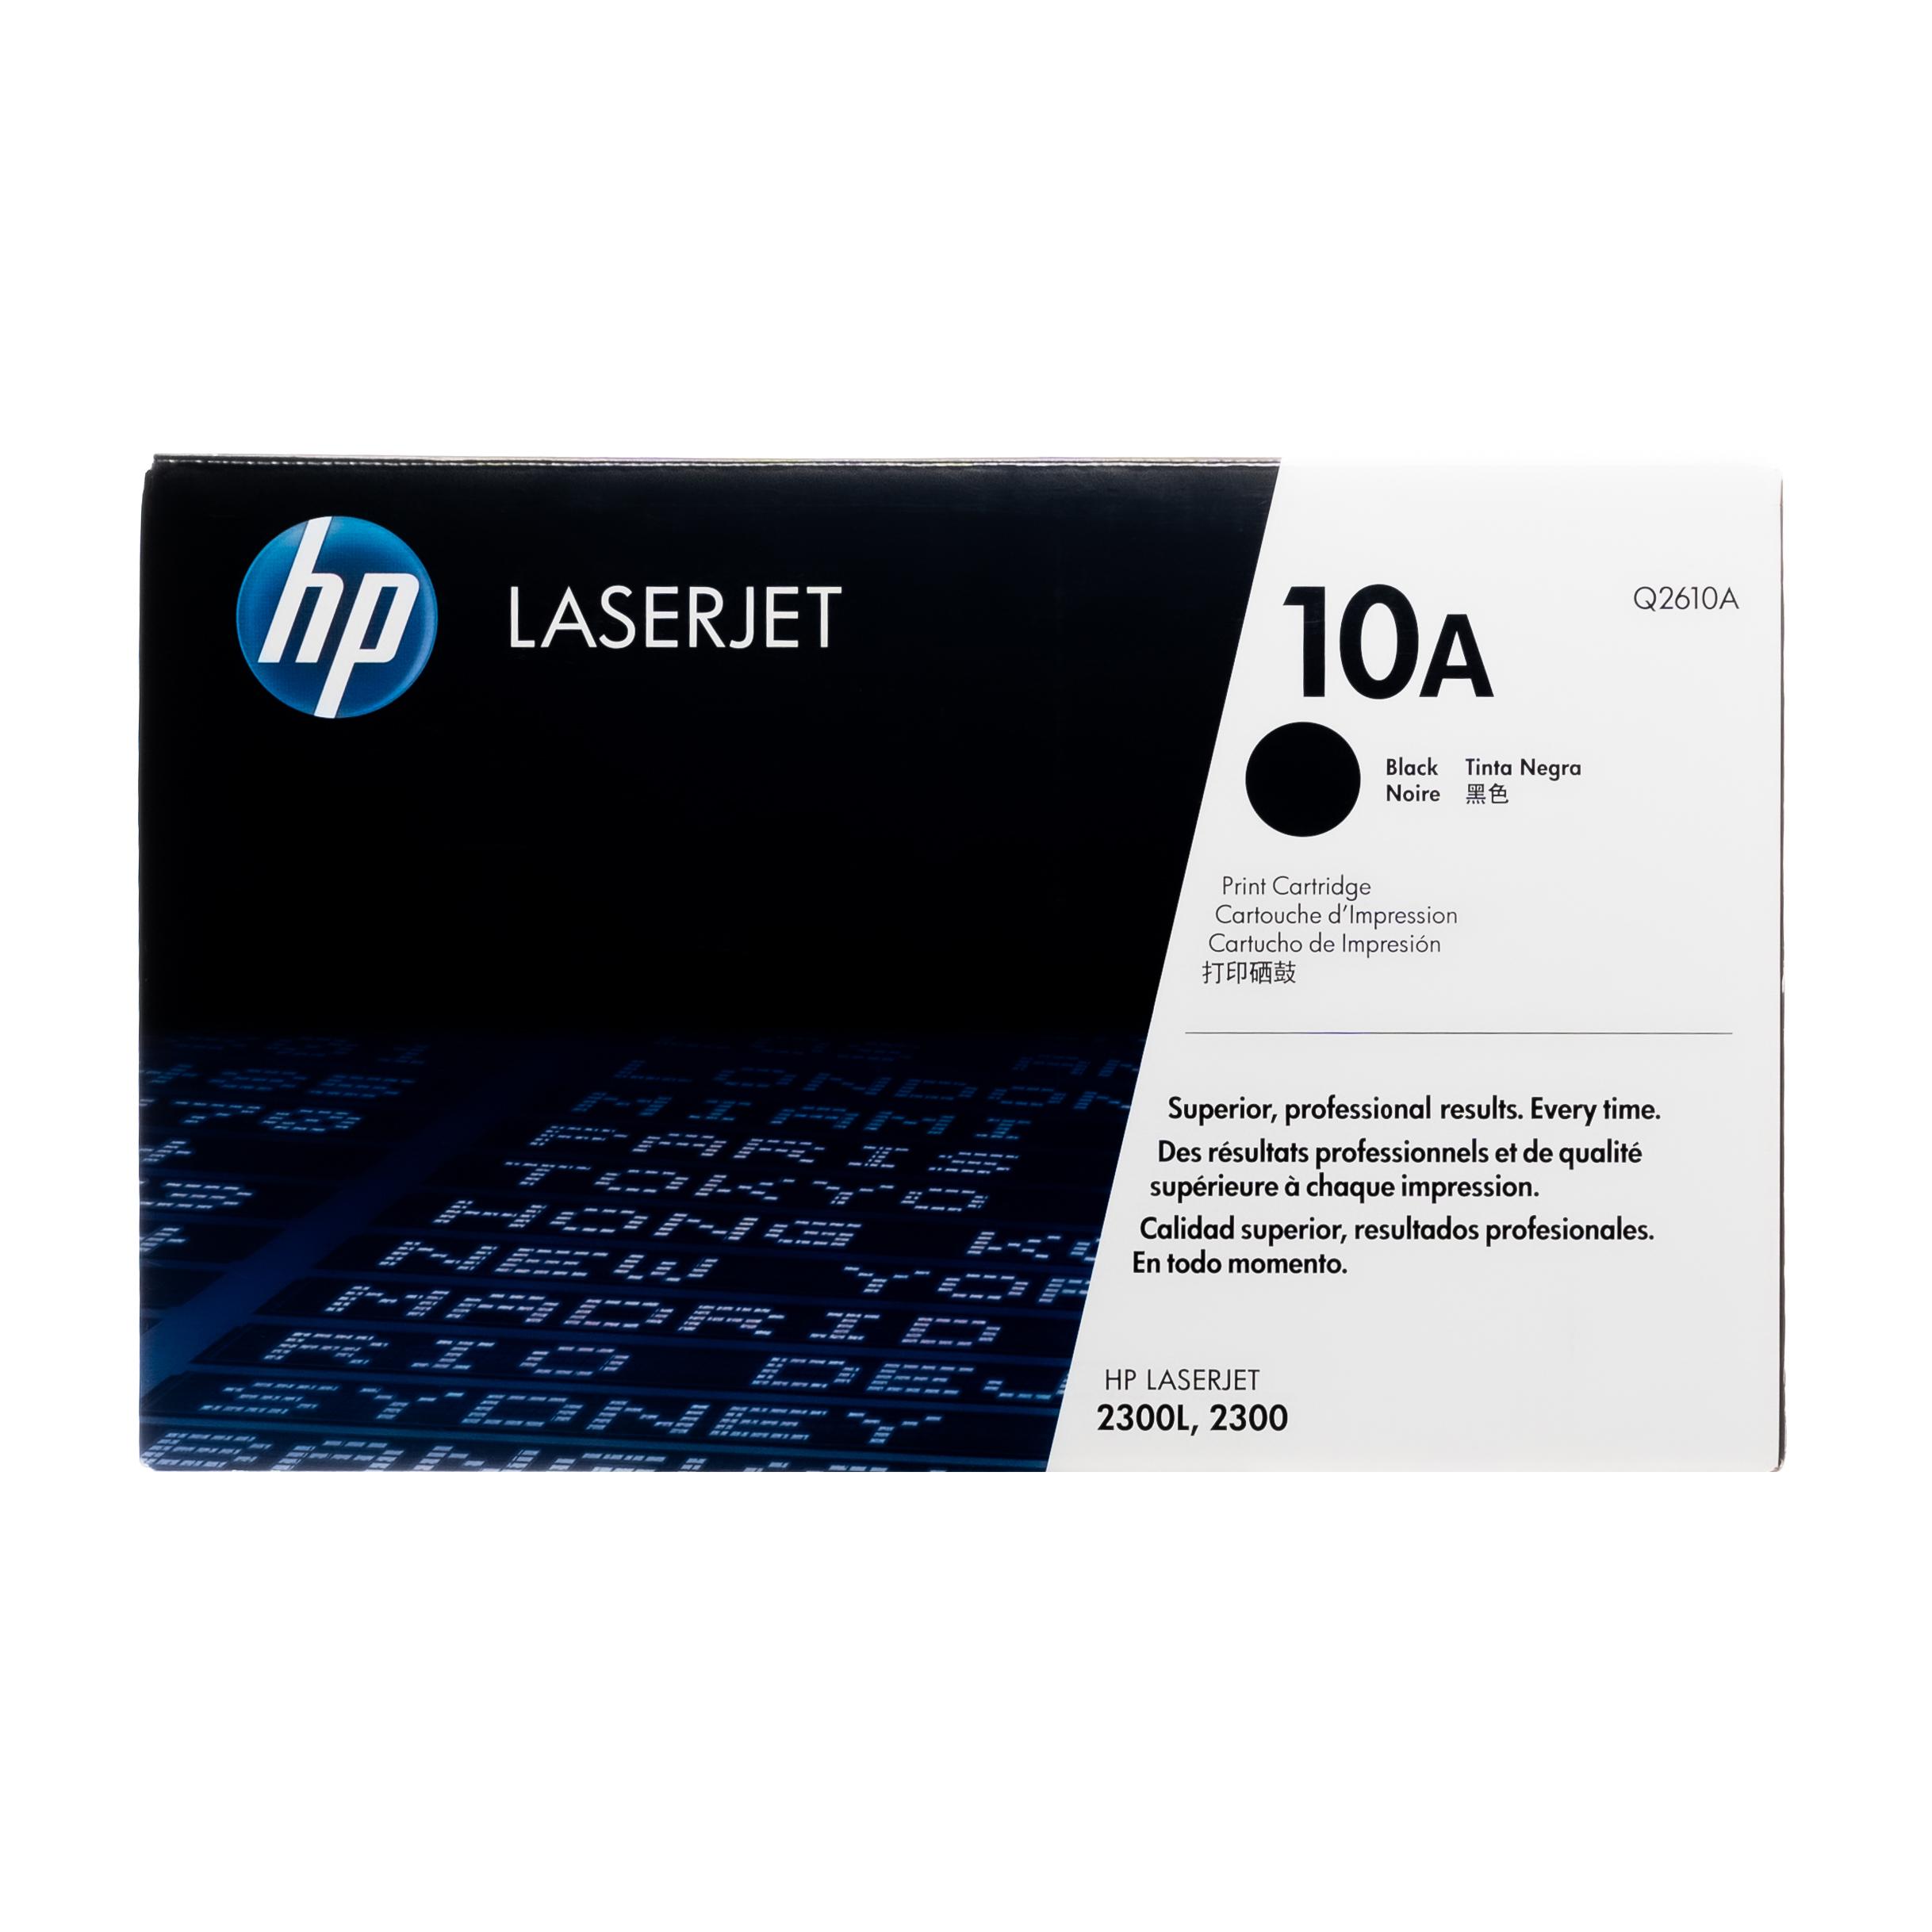 Q2610A | HP 10A | Original HP Toner Cartridge – Black